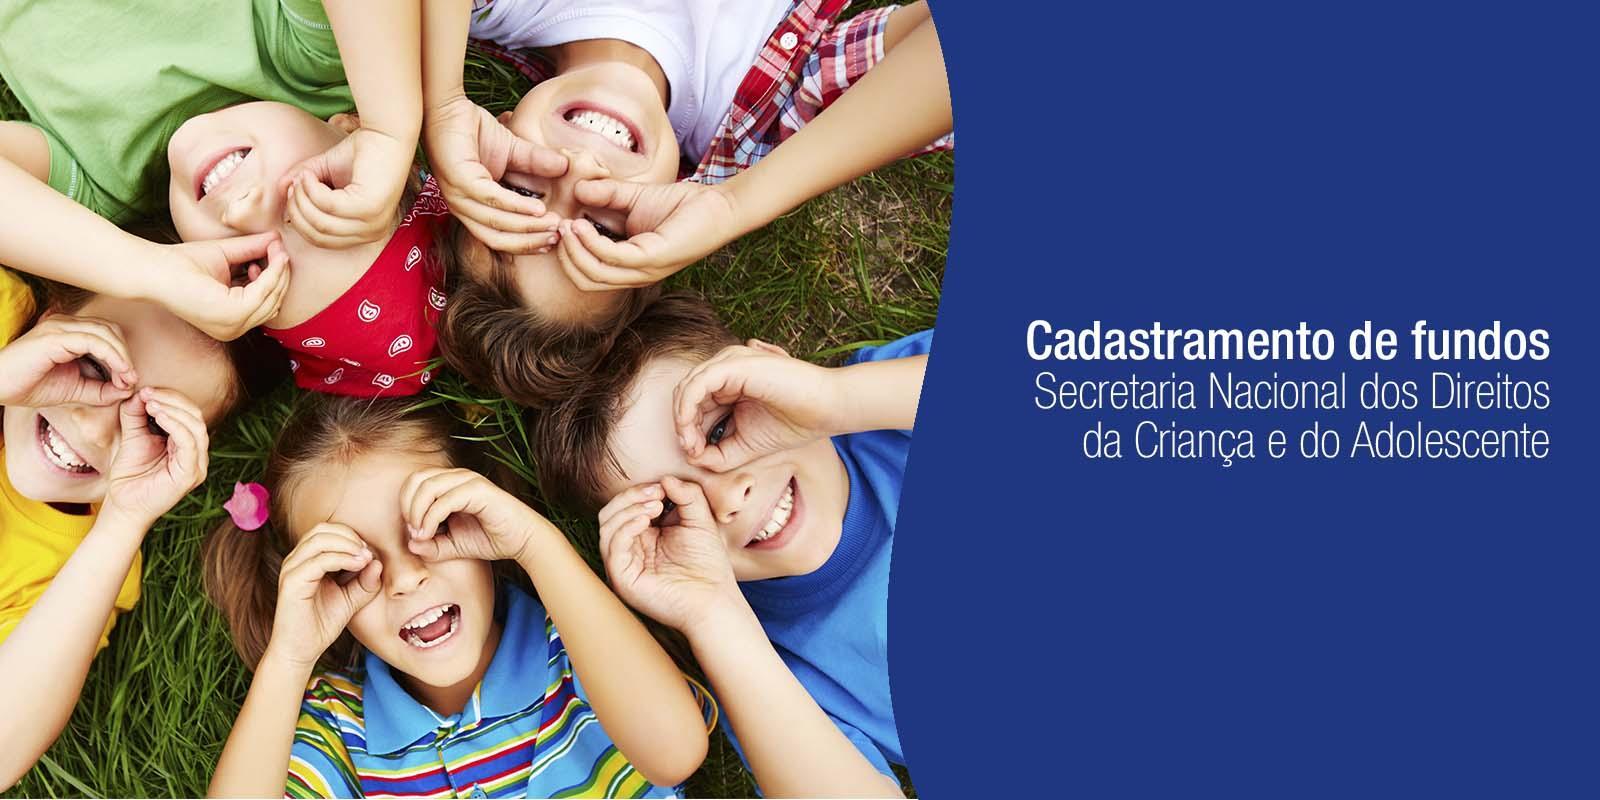 Cadastramento de fundos - Secretaria Nacional dos Direitos da Criança e do Adolescente